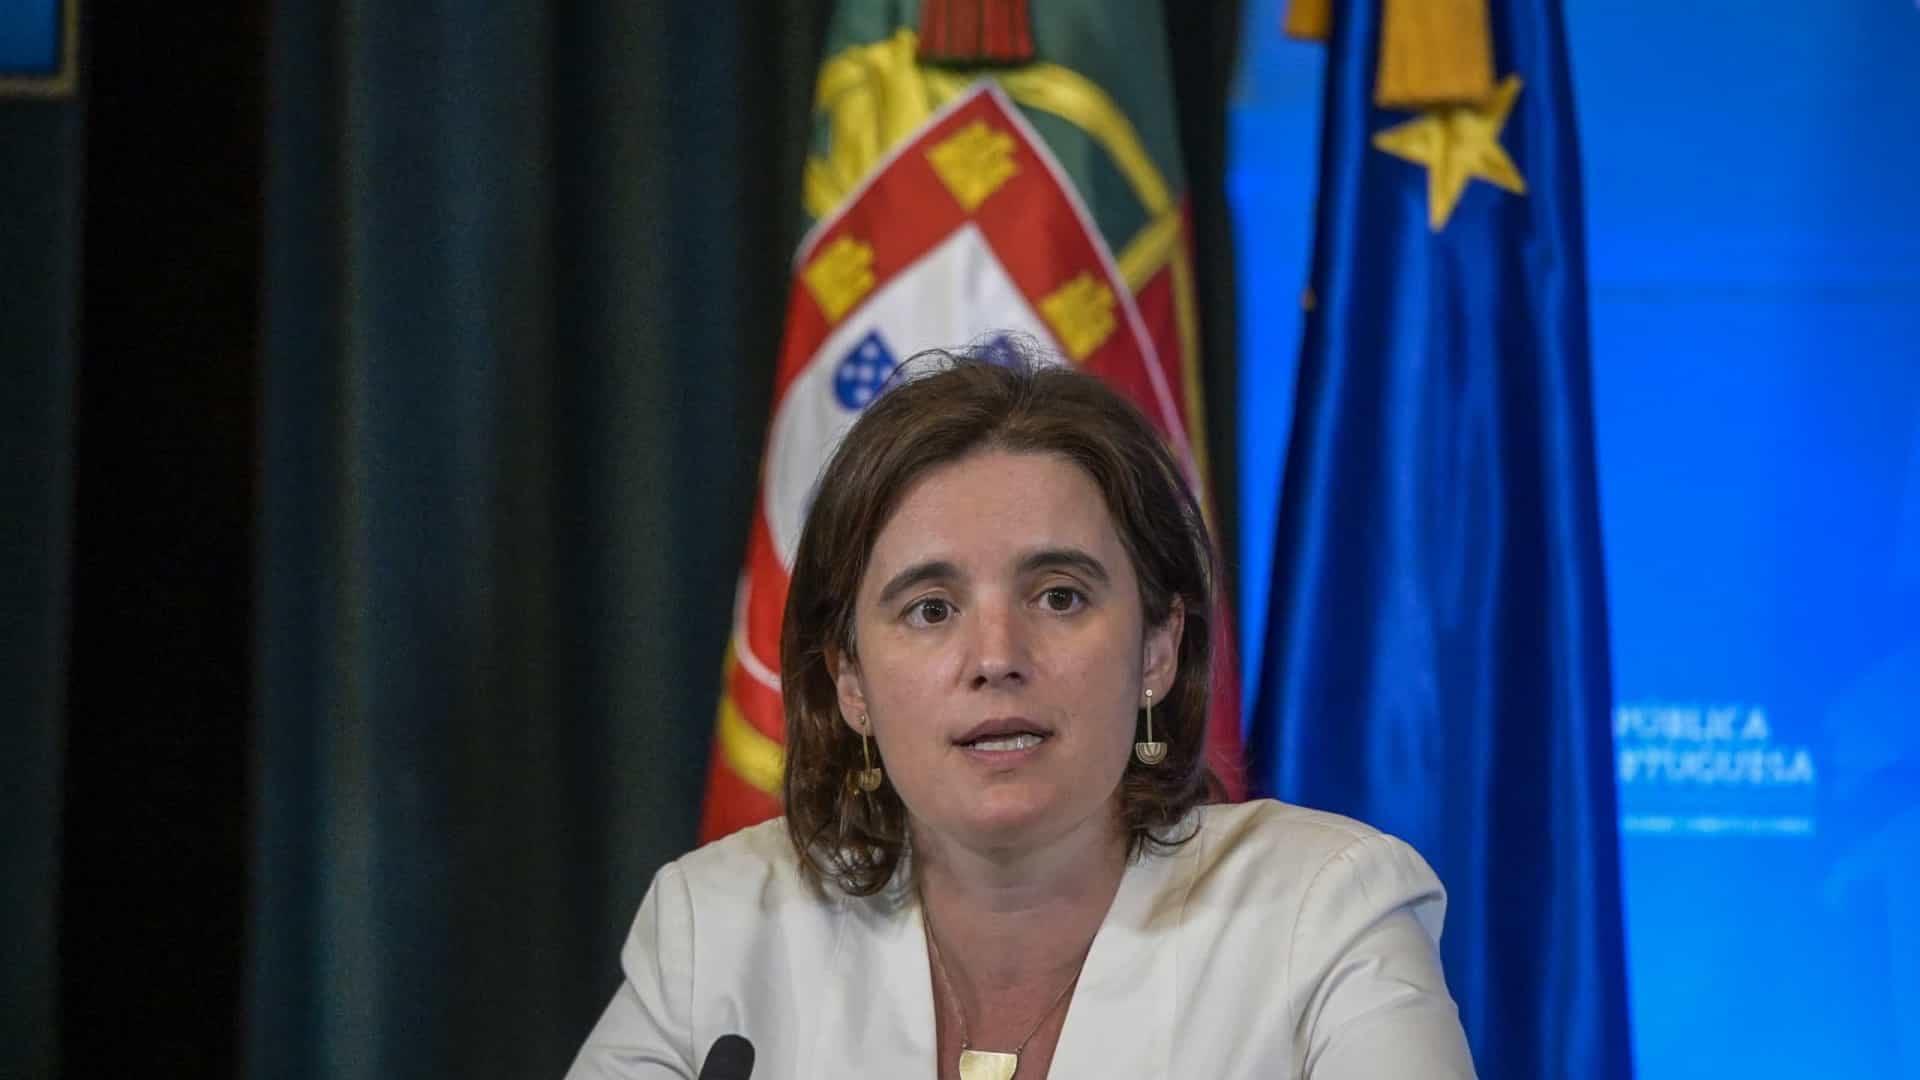 Portugalia 2021 Pandemia Sytuajca Opis Regulacje Informacje Aktualne Doniesienia Jak się Ma Maseczki ochronne Lizbona Polski Przewodnikk Portugal